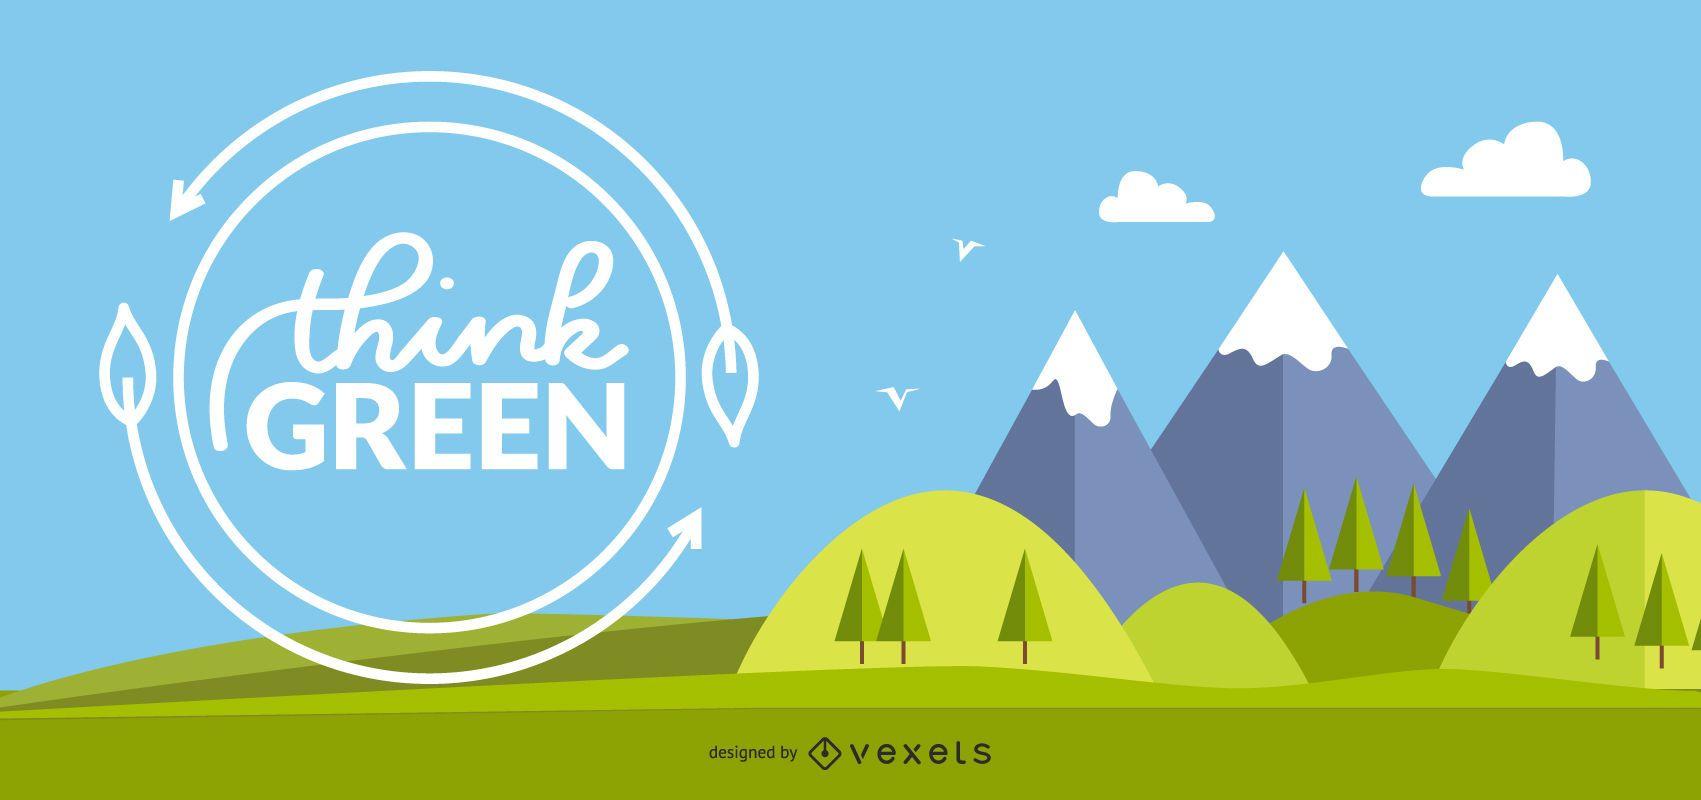 Piense en el diseño de fondo verde